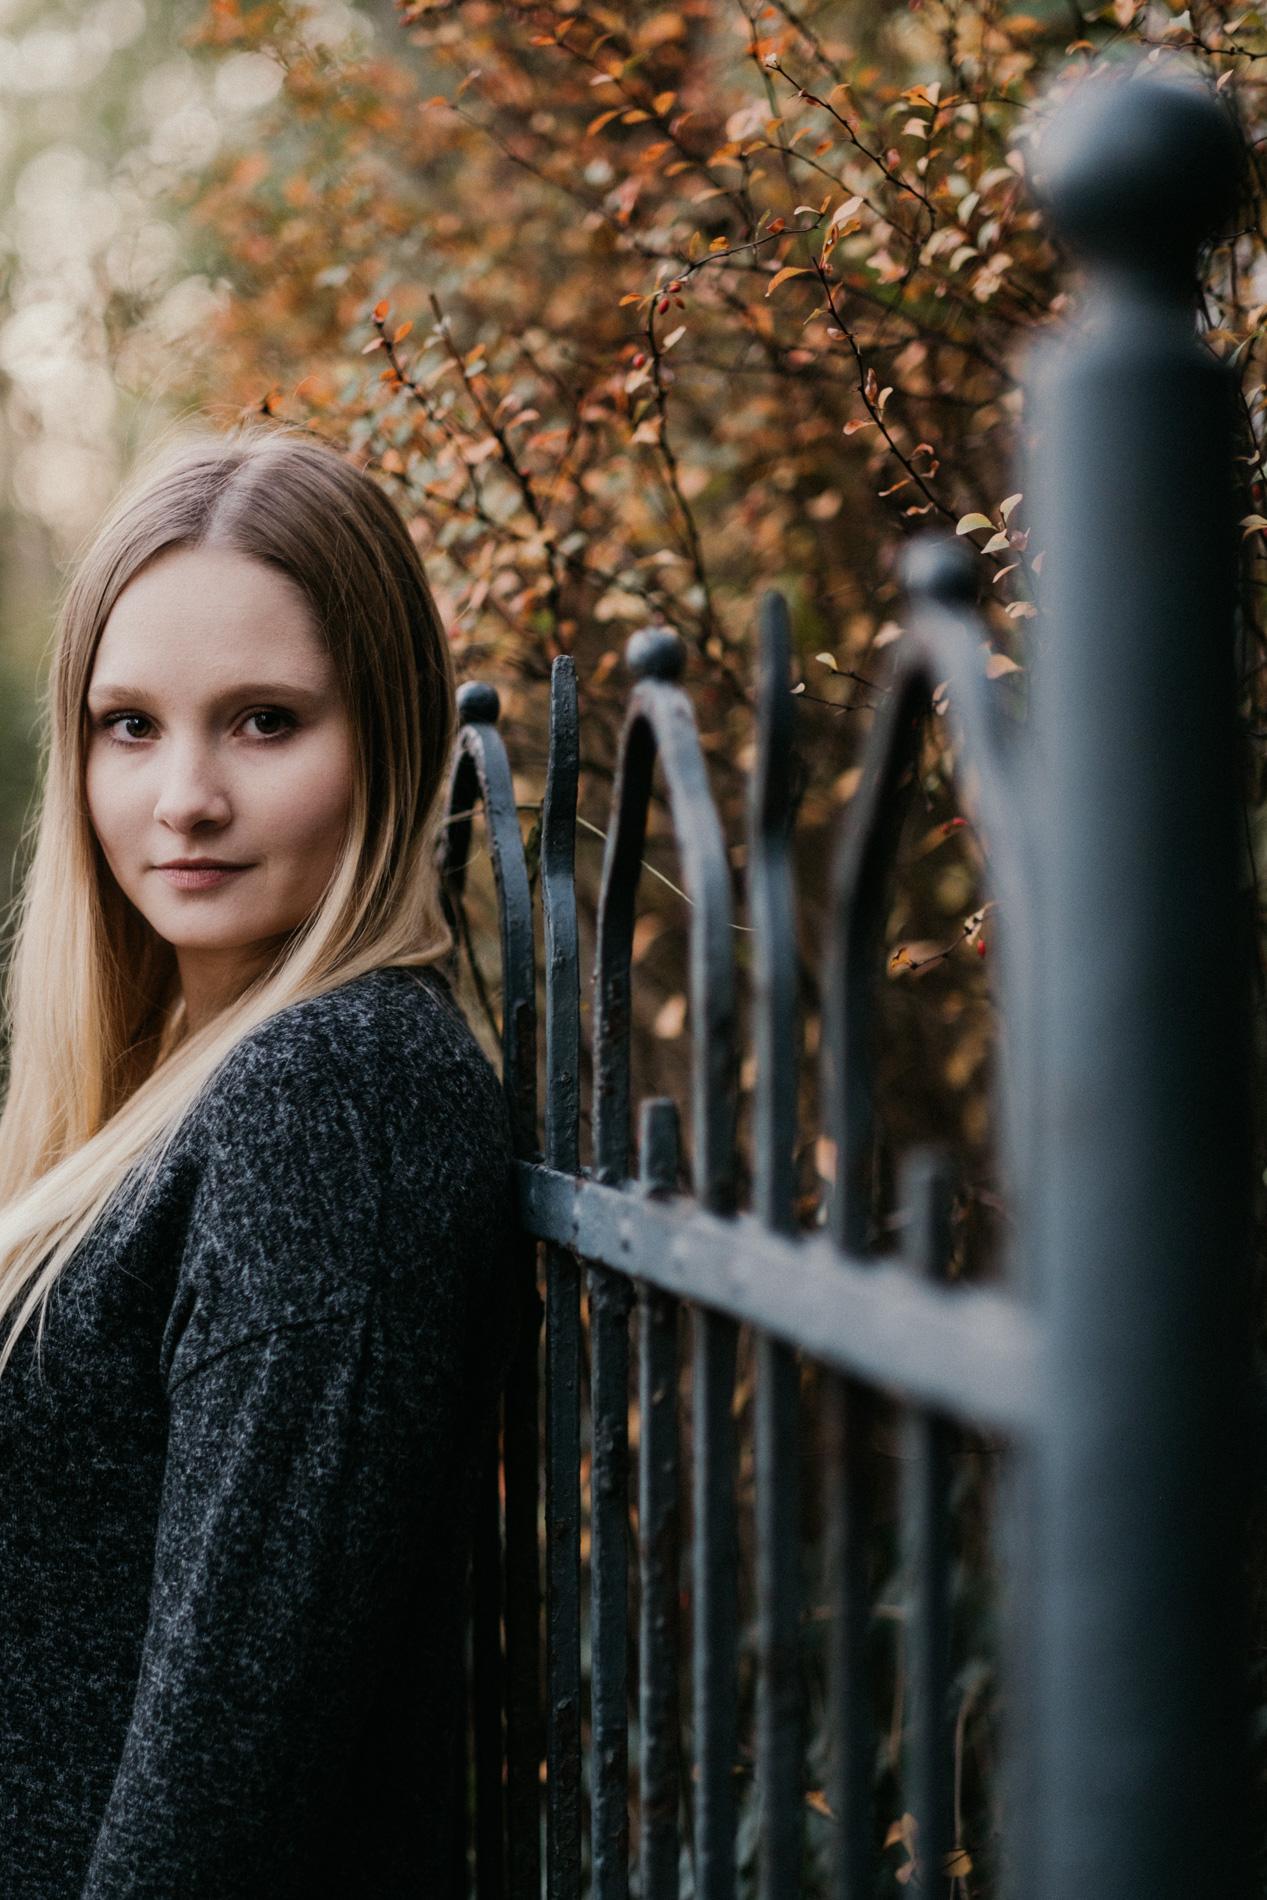 Schauspielerin Hamburg Portrait sistart Fotografin